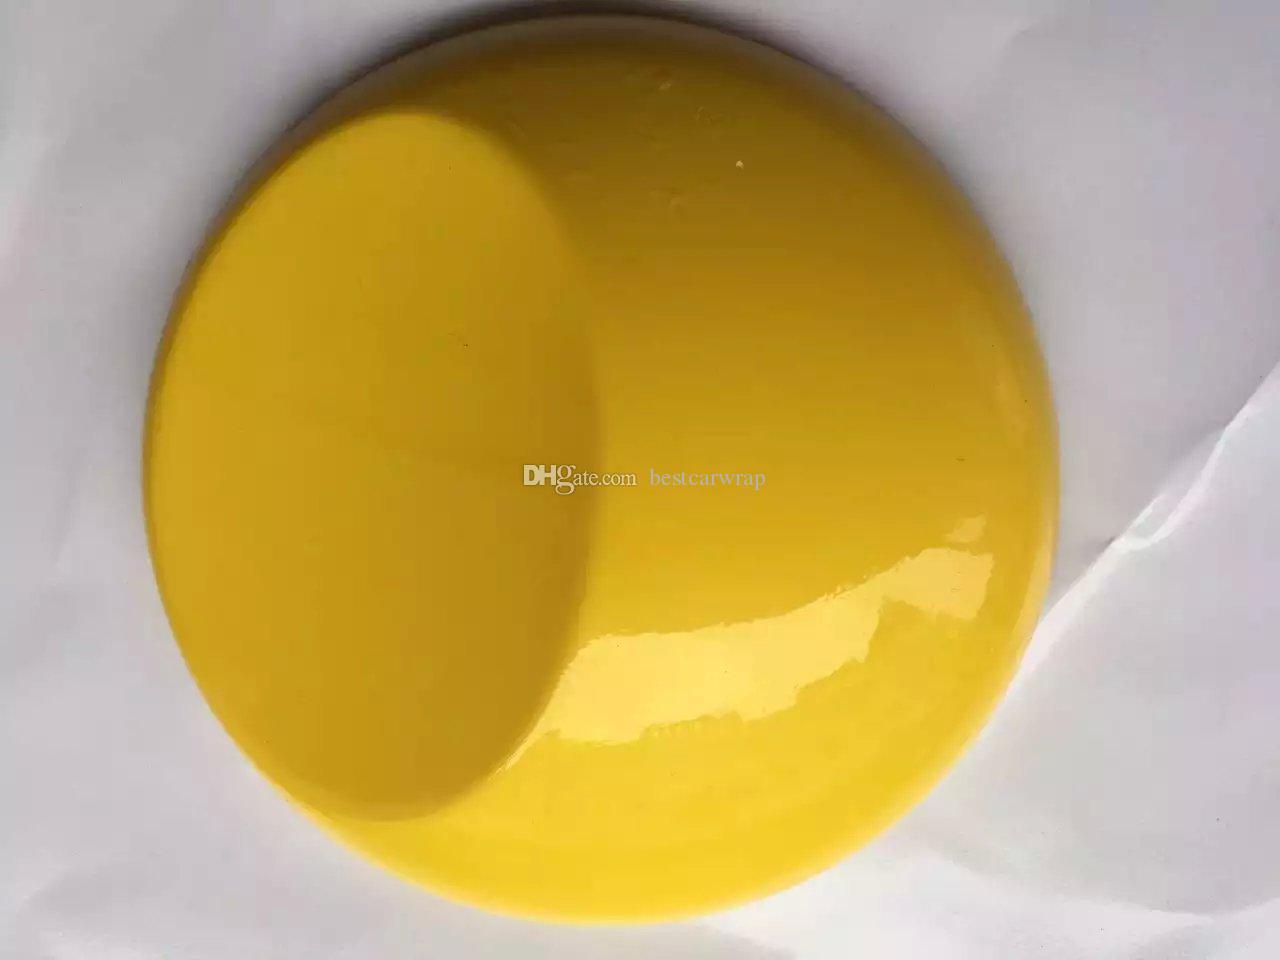 Ультра Глянцеватый Лоснистый желтый обруч винила 3 слоя высокого фильма обруча автомобиля Тиффани лоска с воздухом свободным как 3M 1080 размер: 1.52*20M / Roll